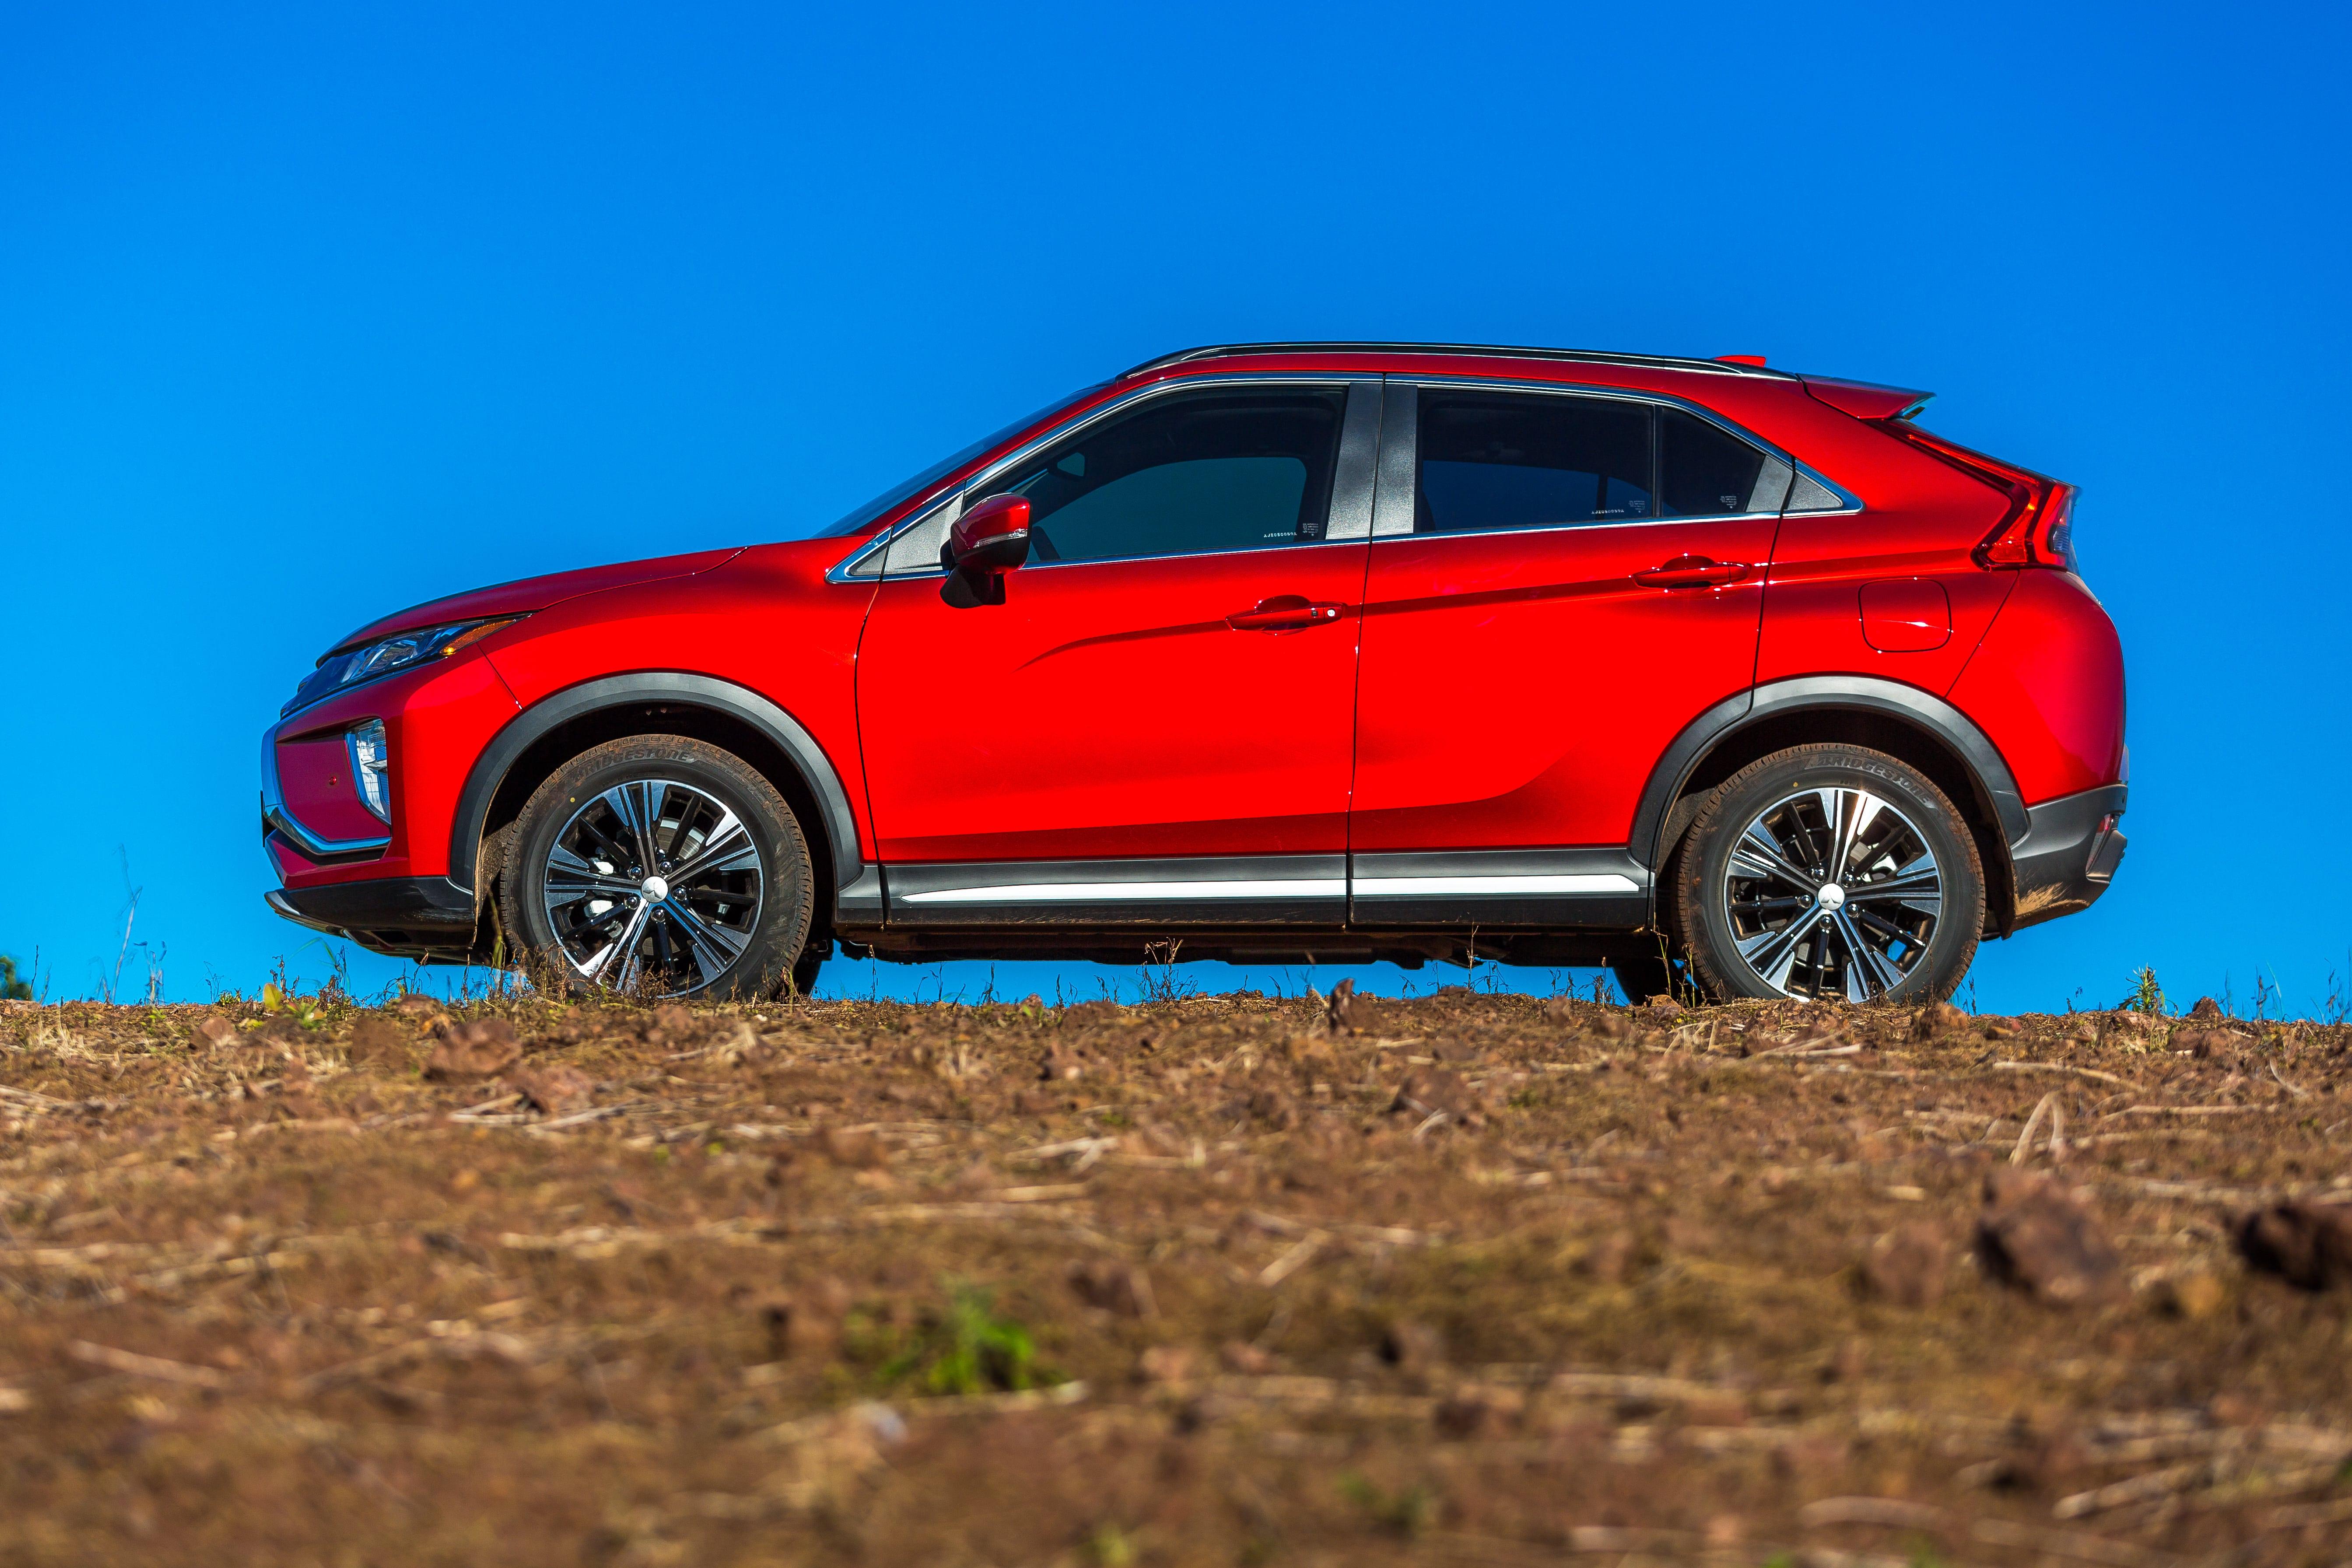 Mitsubishi Eclipse Cross tem lateral com vincos marcantes e rodas de liga leve de 18 polegadas